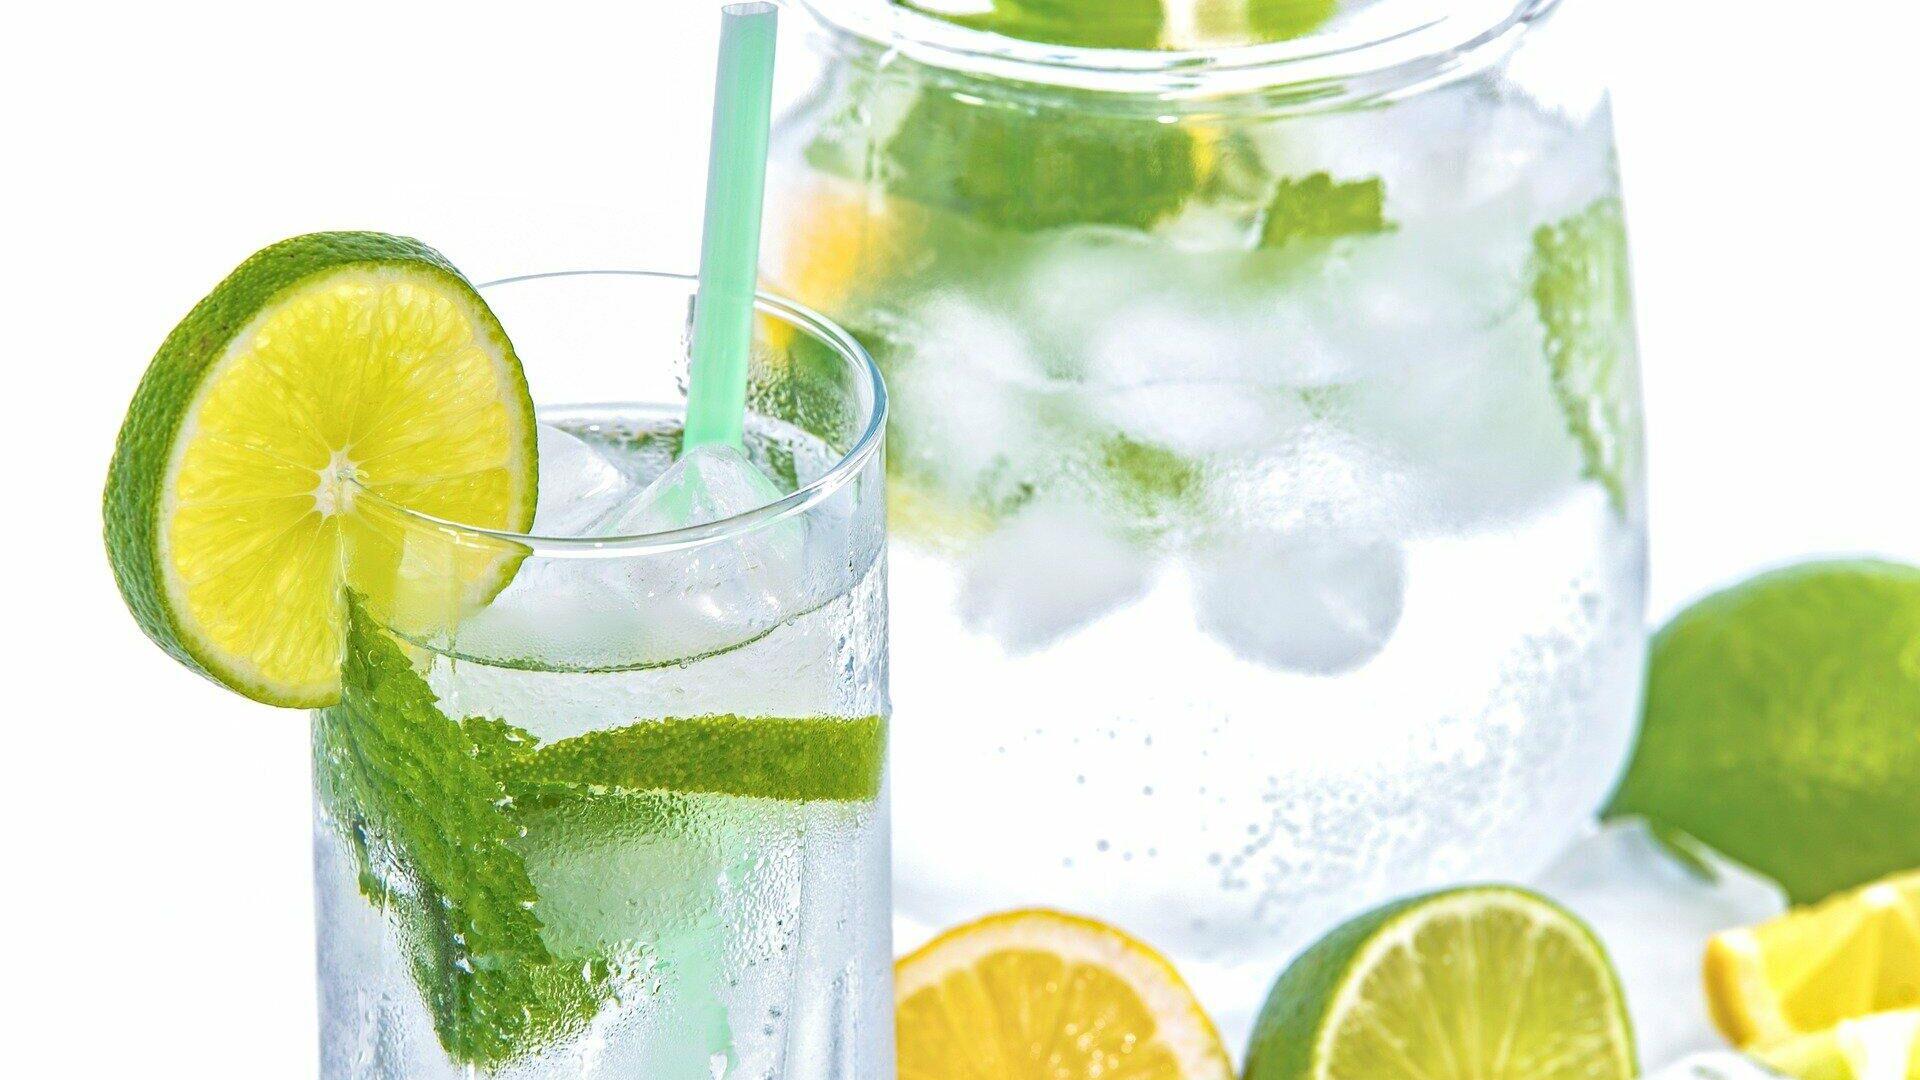 Agua con limón - Sputnik Mundo, 1920, 21.06.2021